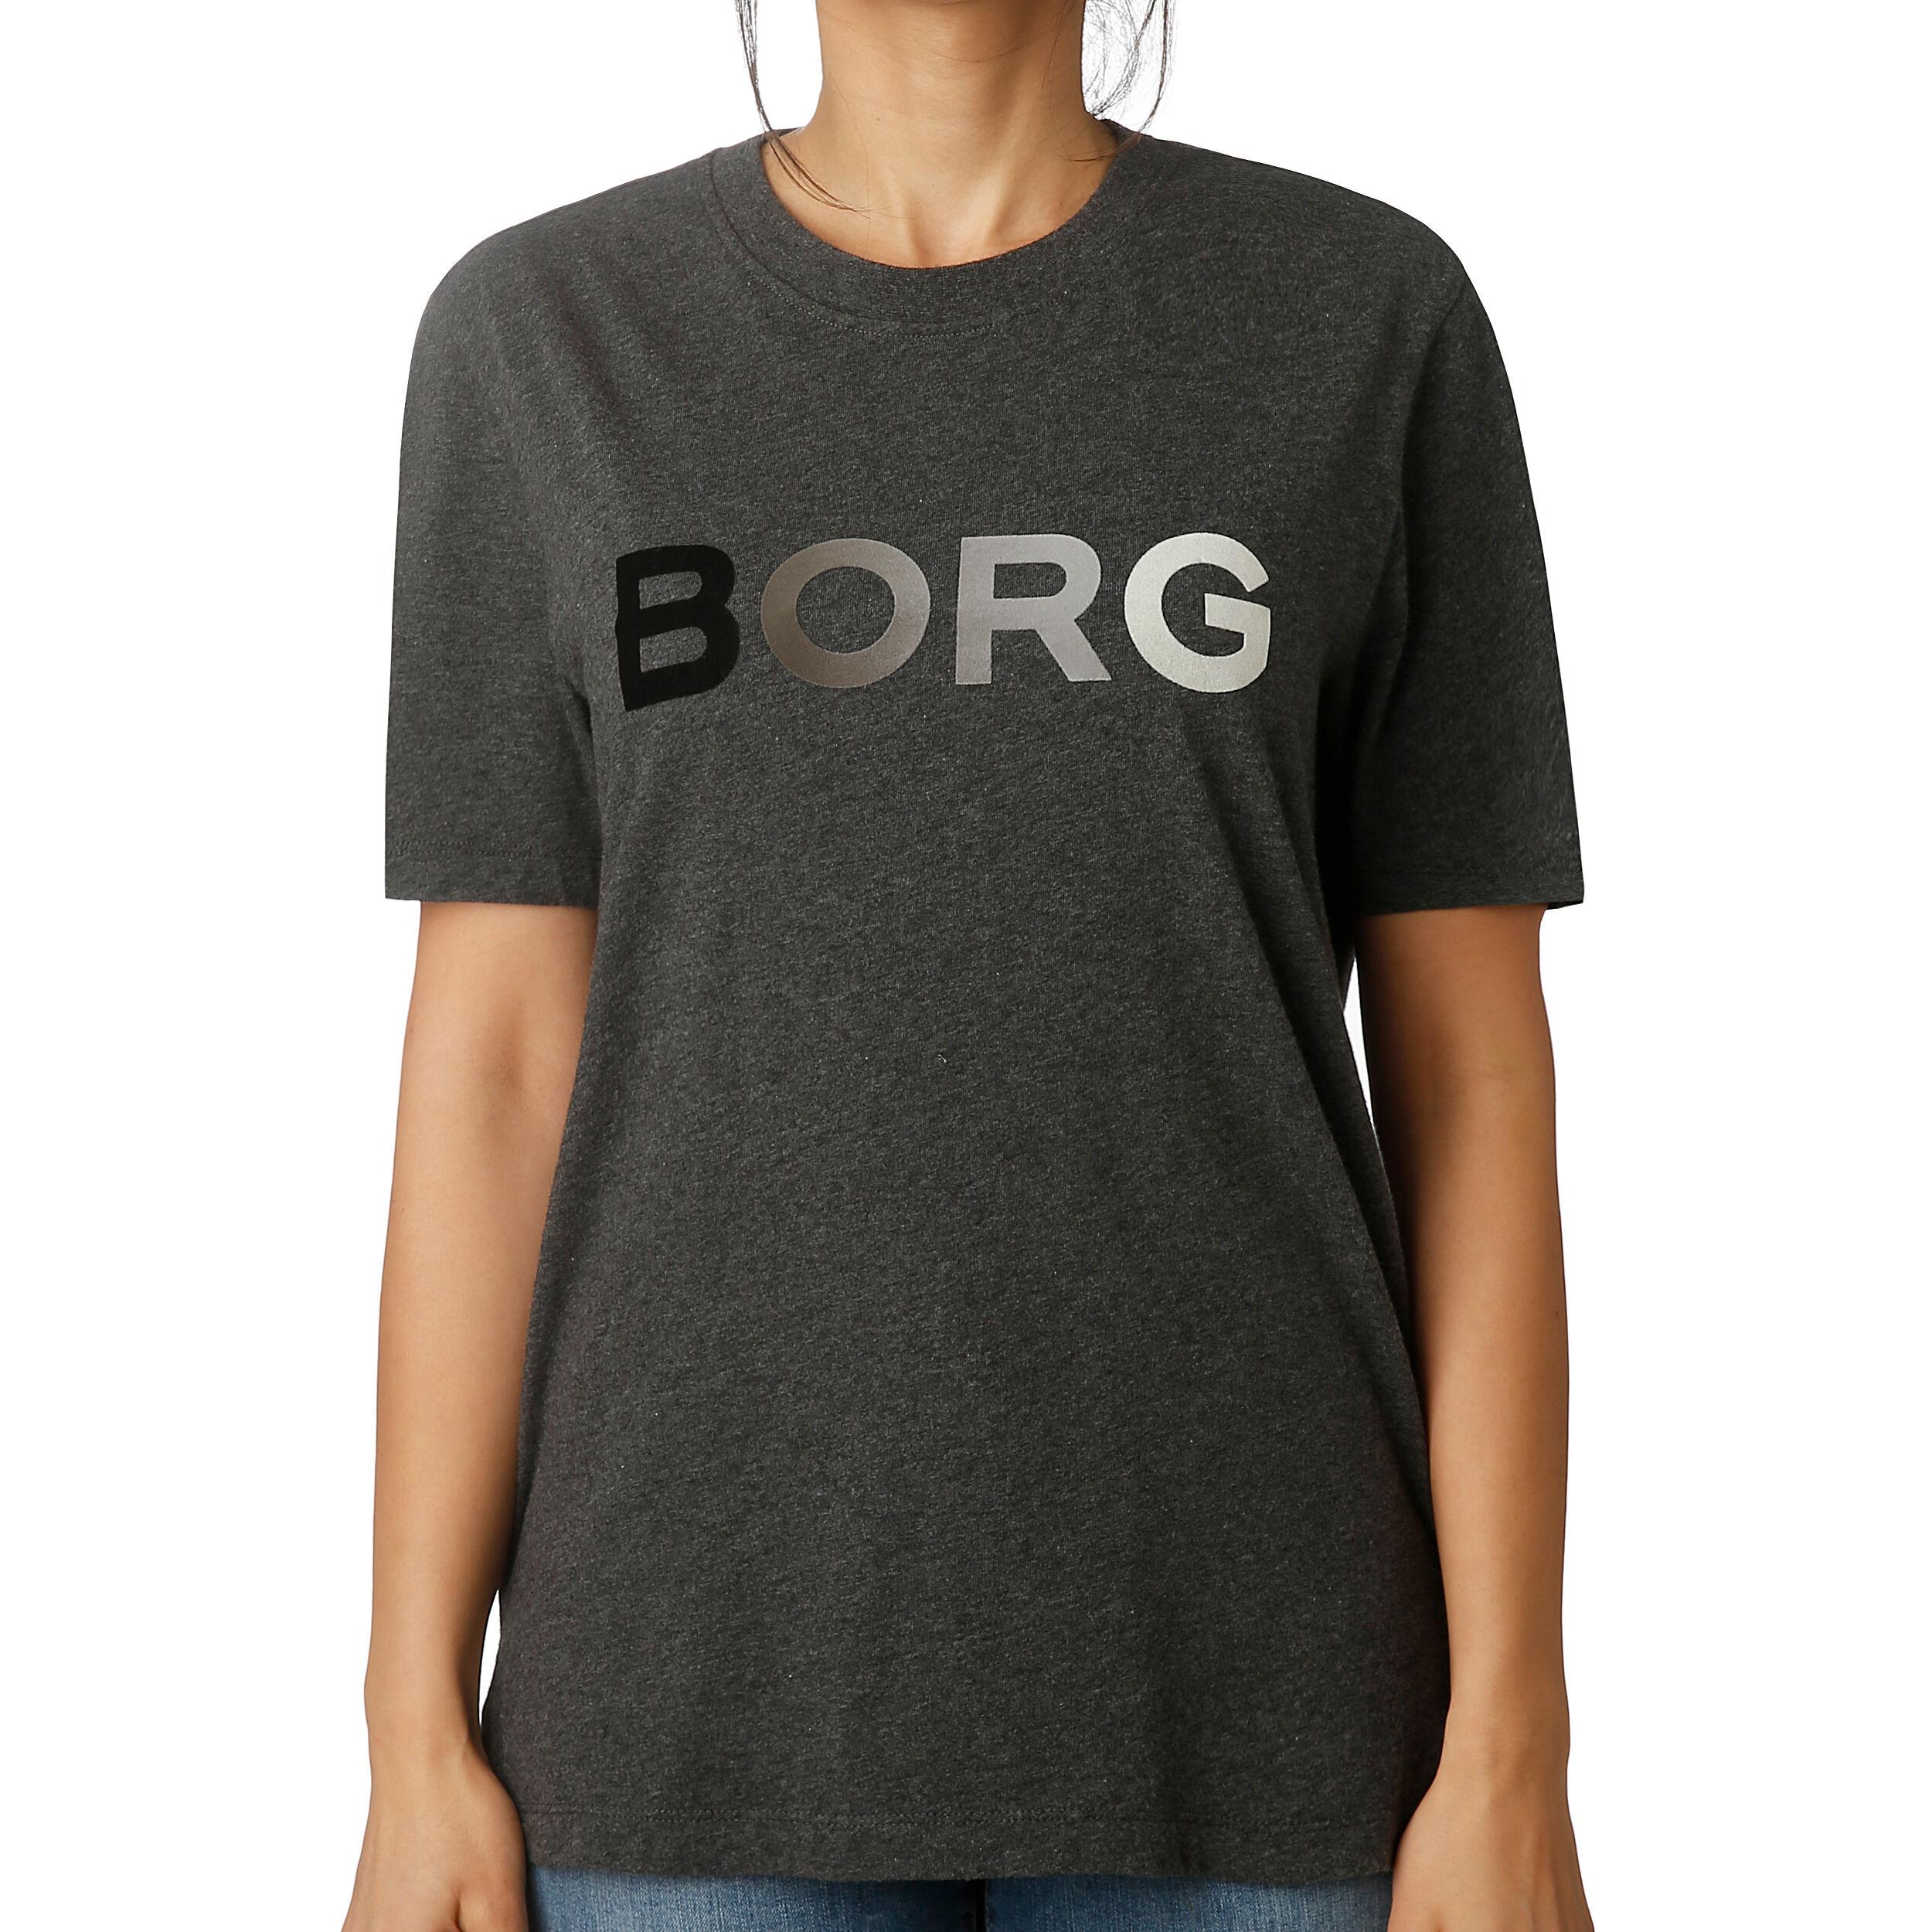 Sport T shirt Damer Mørkegrå, Sort